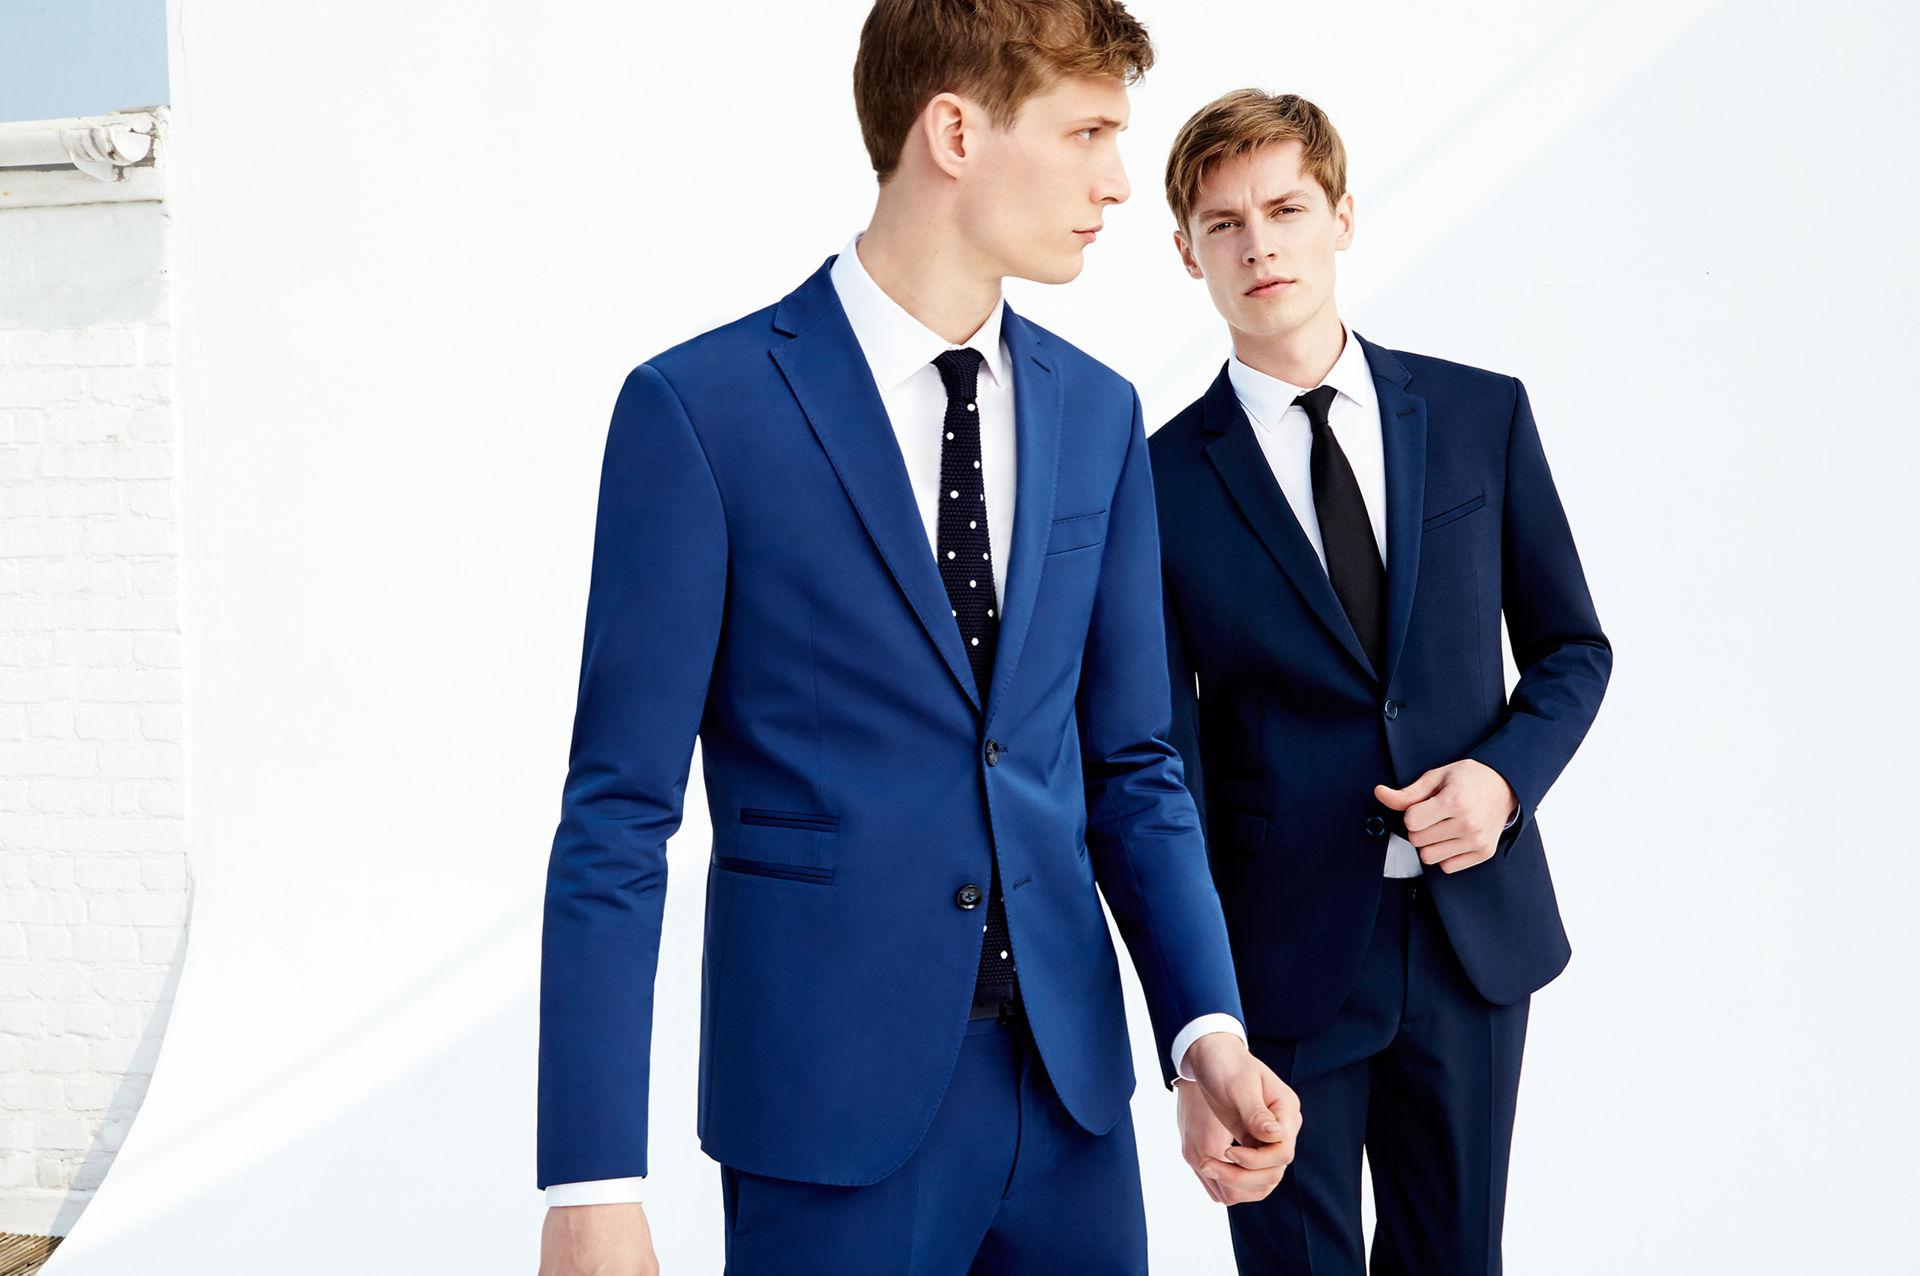 Zara MAN Lookbook: New Tailoring for Spring/Summer 2015